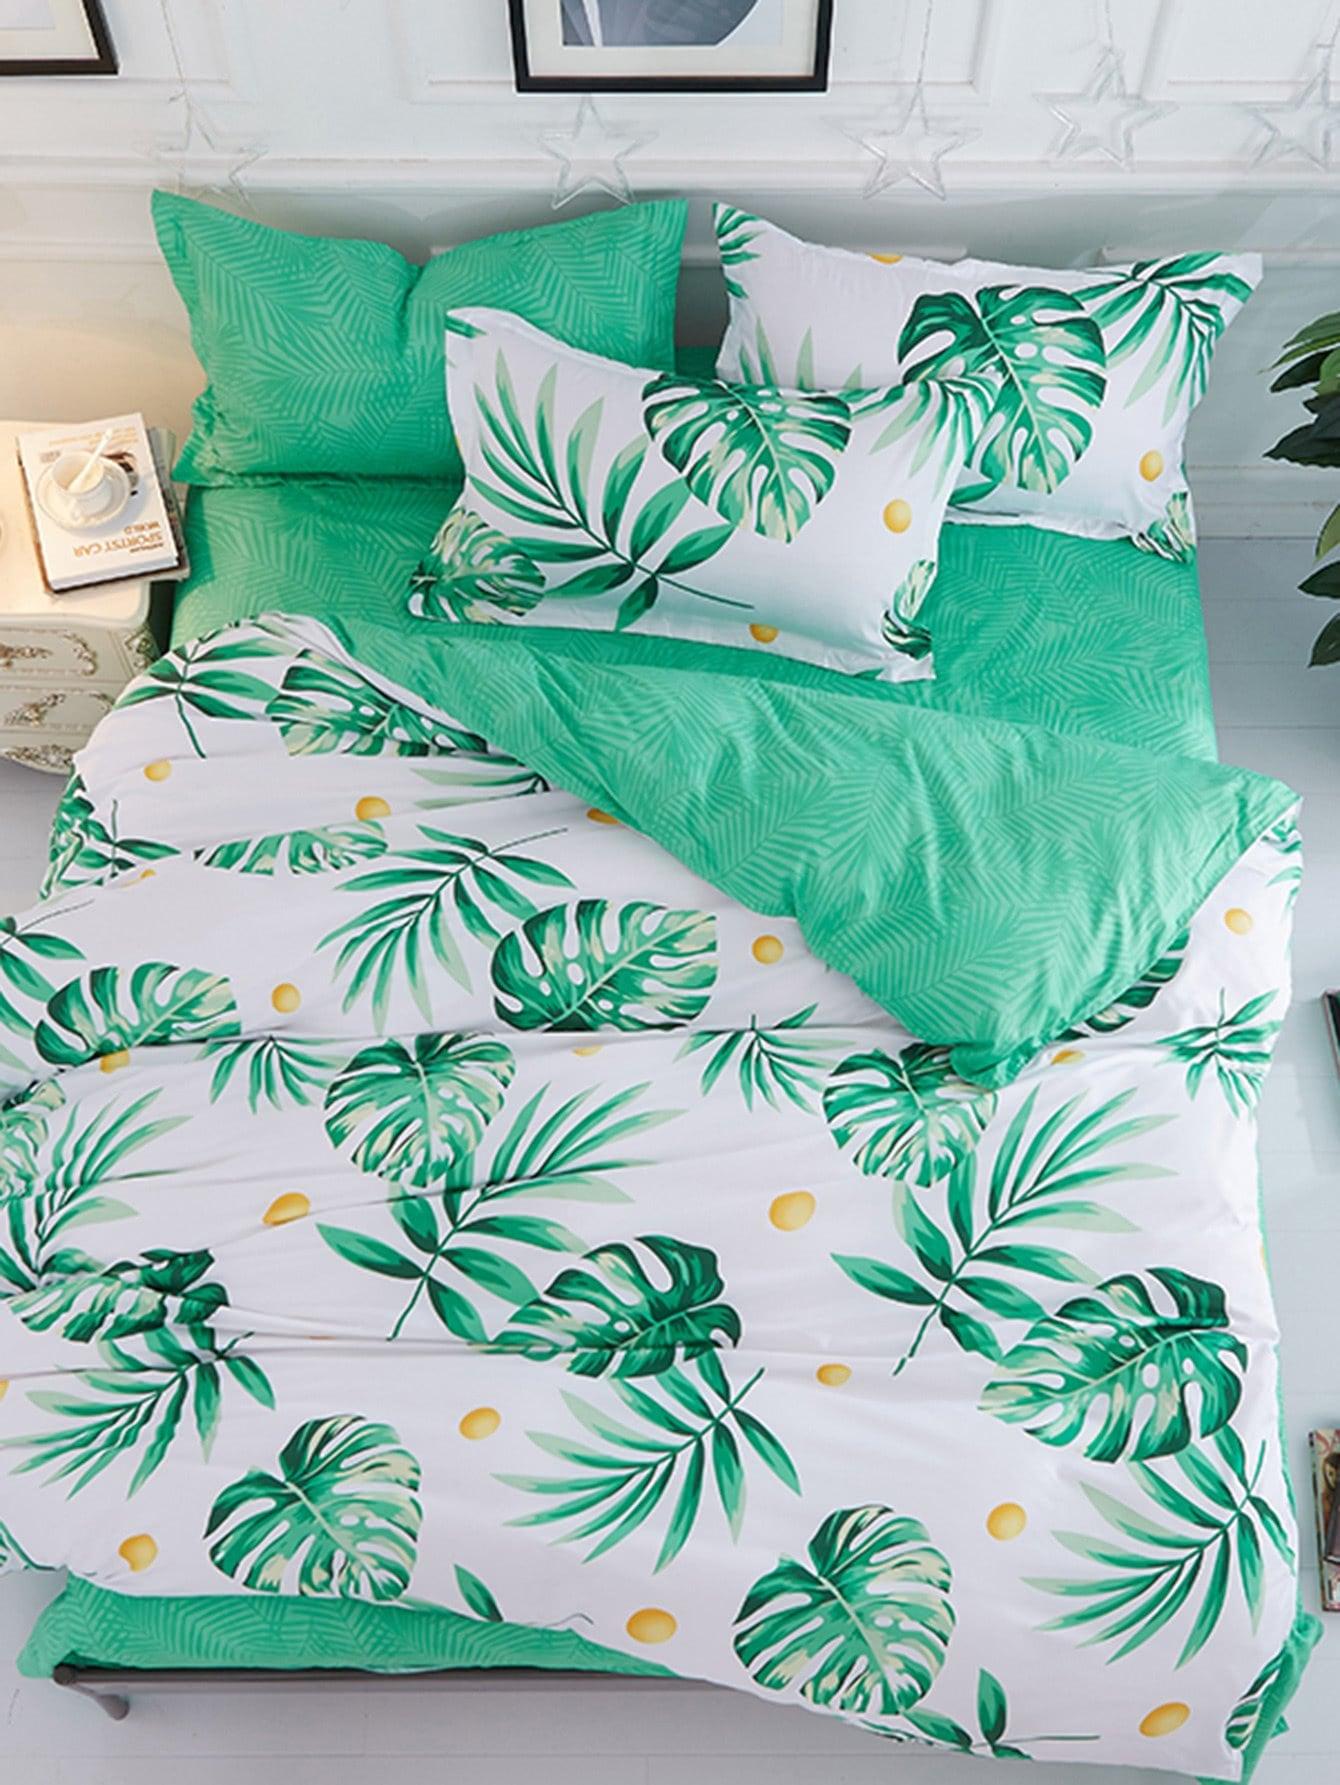 Купить Комплект для кровати с принтом джунгли, null, SheIn